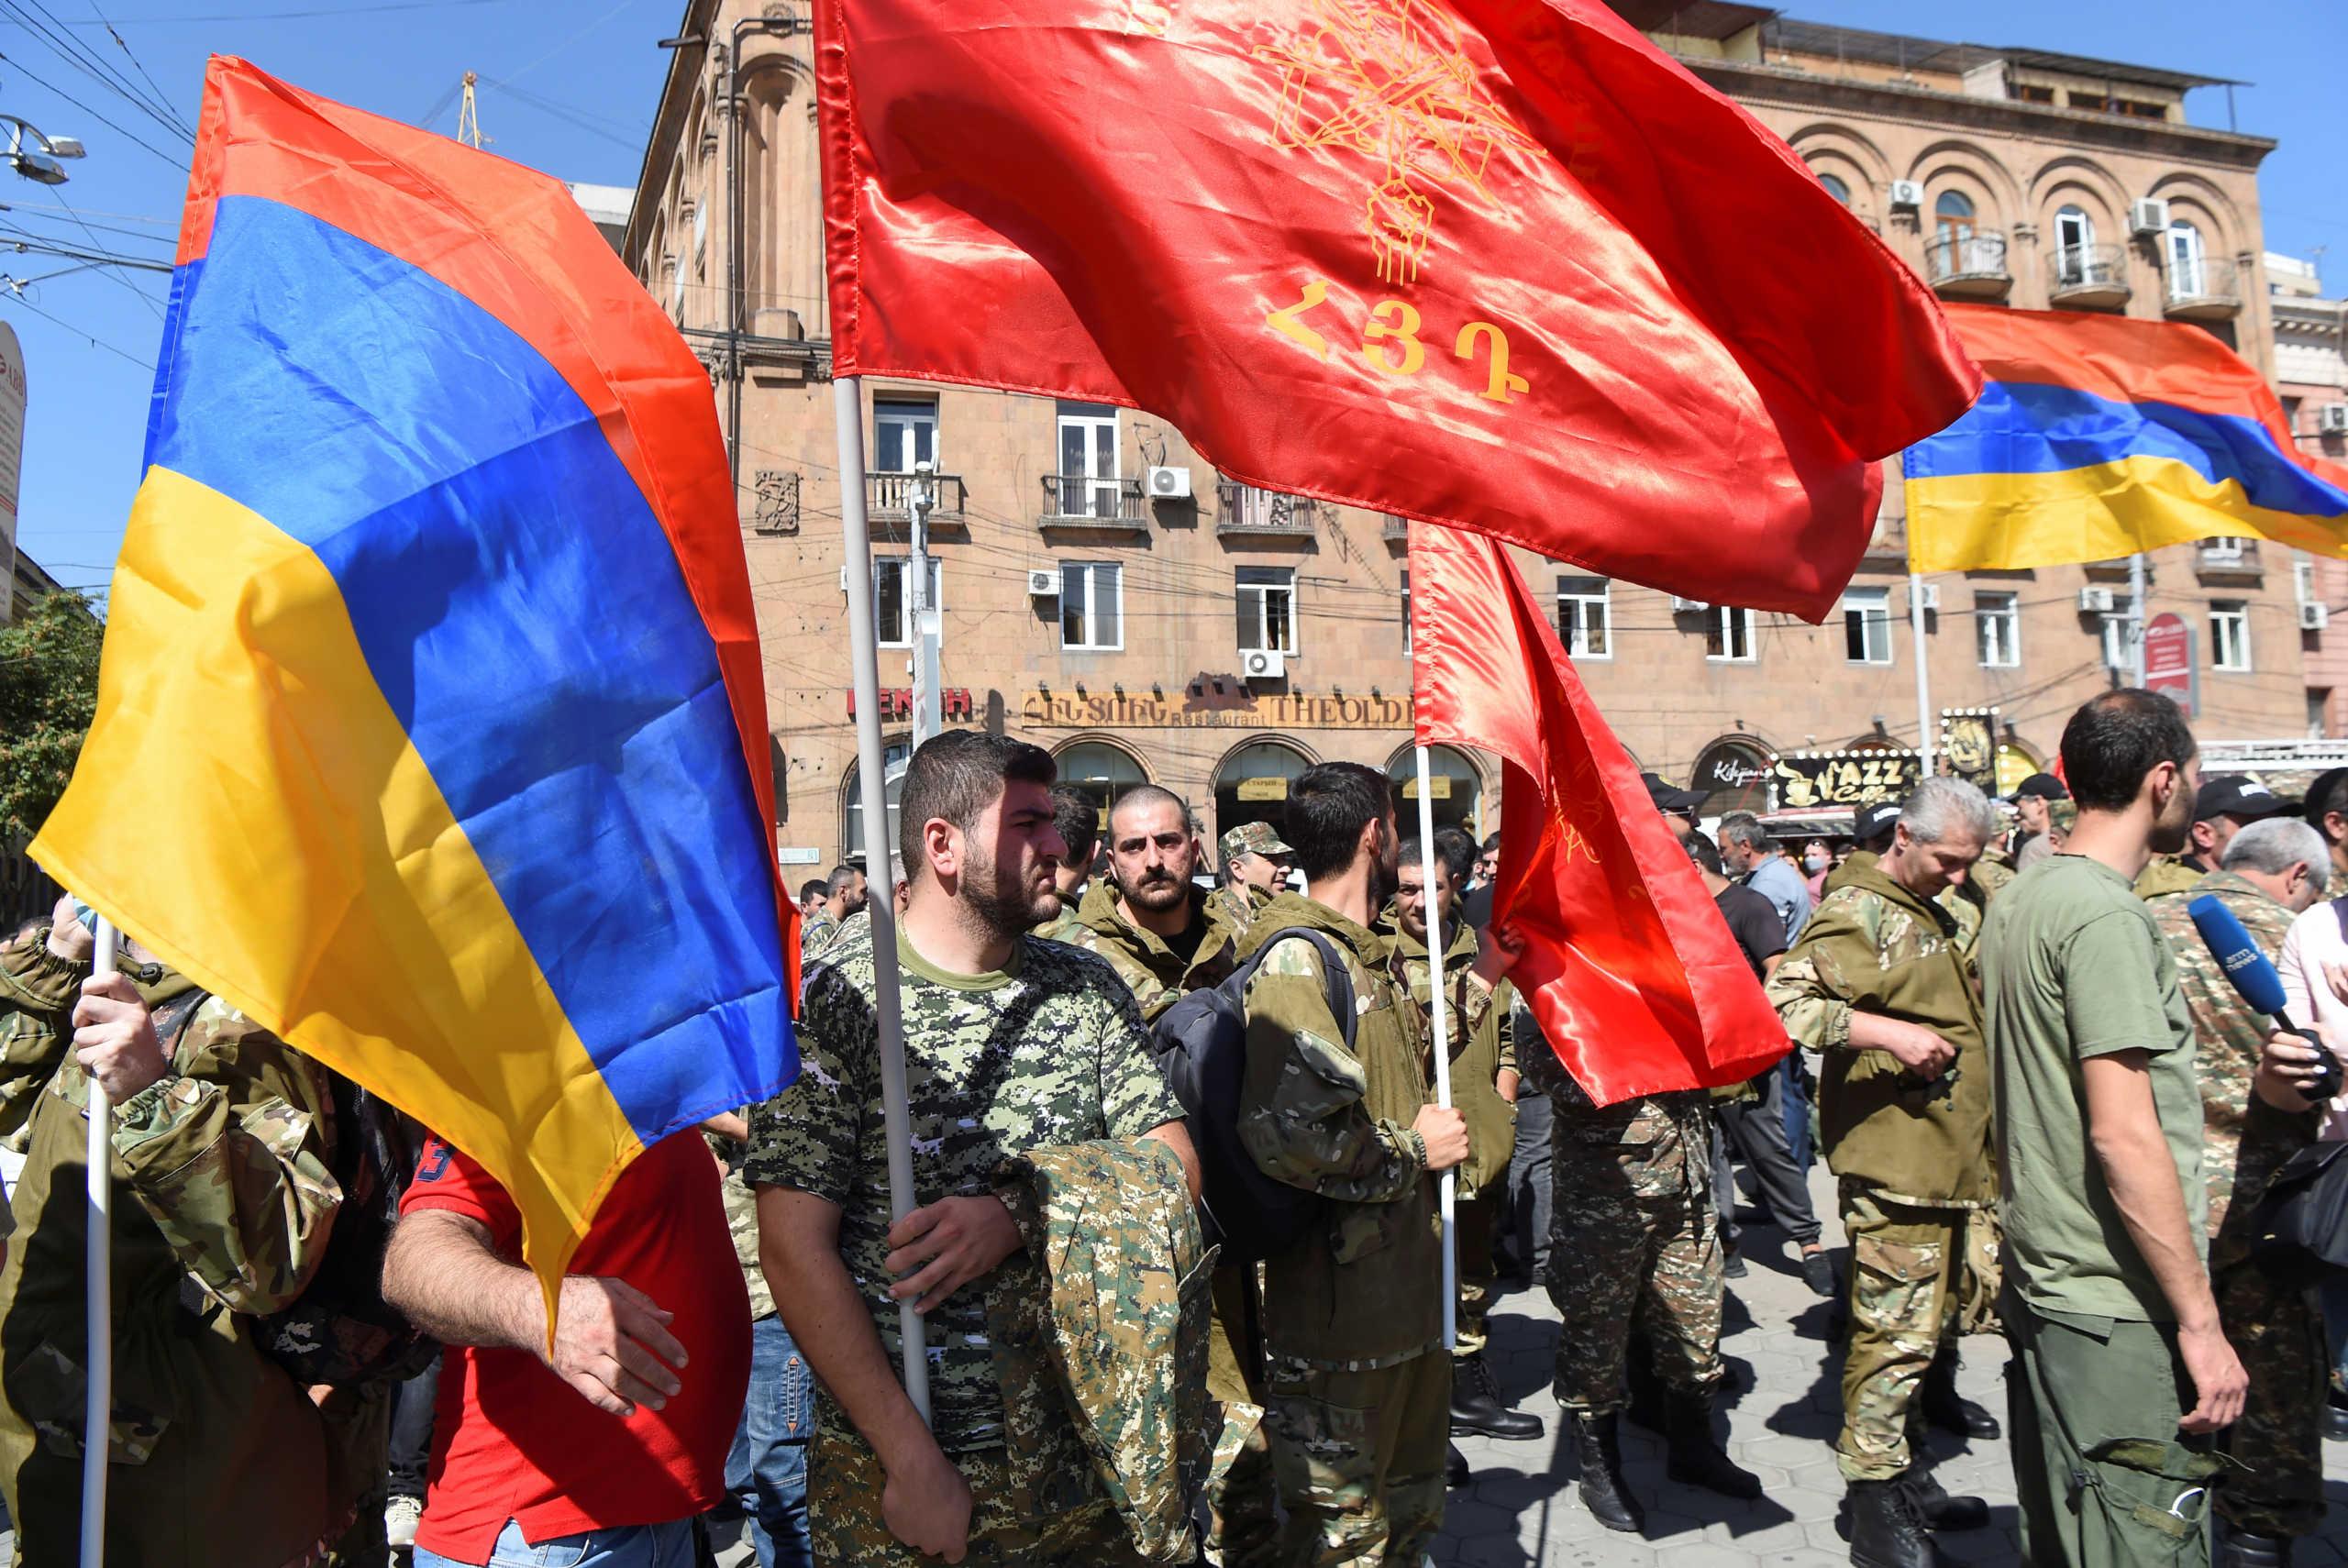 Μαρία Λαζαρέβα στο newsit.gr: «Θα νικήσουμε! Πολλοί Έλληνες της Αρμενίας στο πλευρό μας»